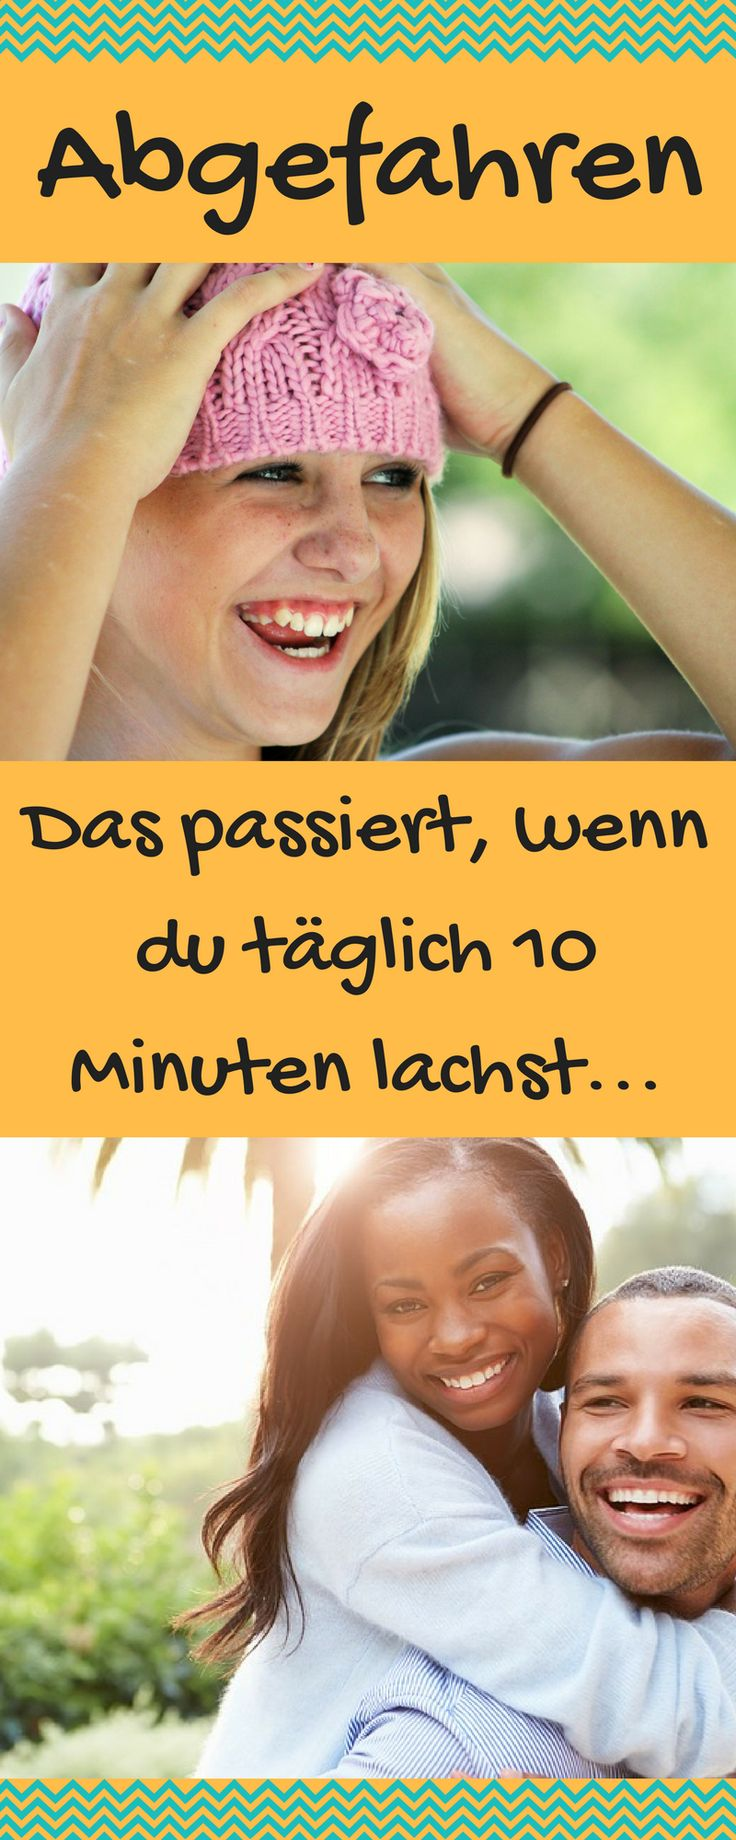 Lachen ist so gesund? Es hilft dir beim Stressabbau, gesund zu bleiben, für ein gesundes Herz und trainiert jede menge Muskeln am Körper. Lachen Bilder, Lachen, Zitate, Lachen Menschen, Lachen Freunde, Lachen kaputt, Lachen Liebe, Lachen herzhaft, So bleibst du gesund